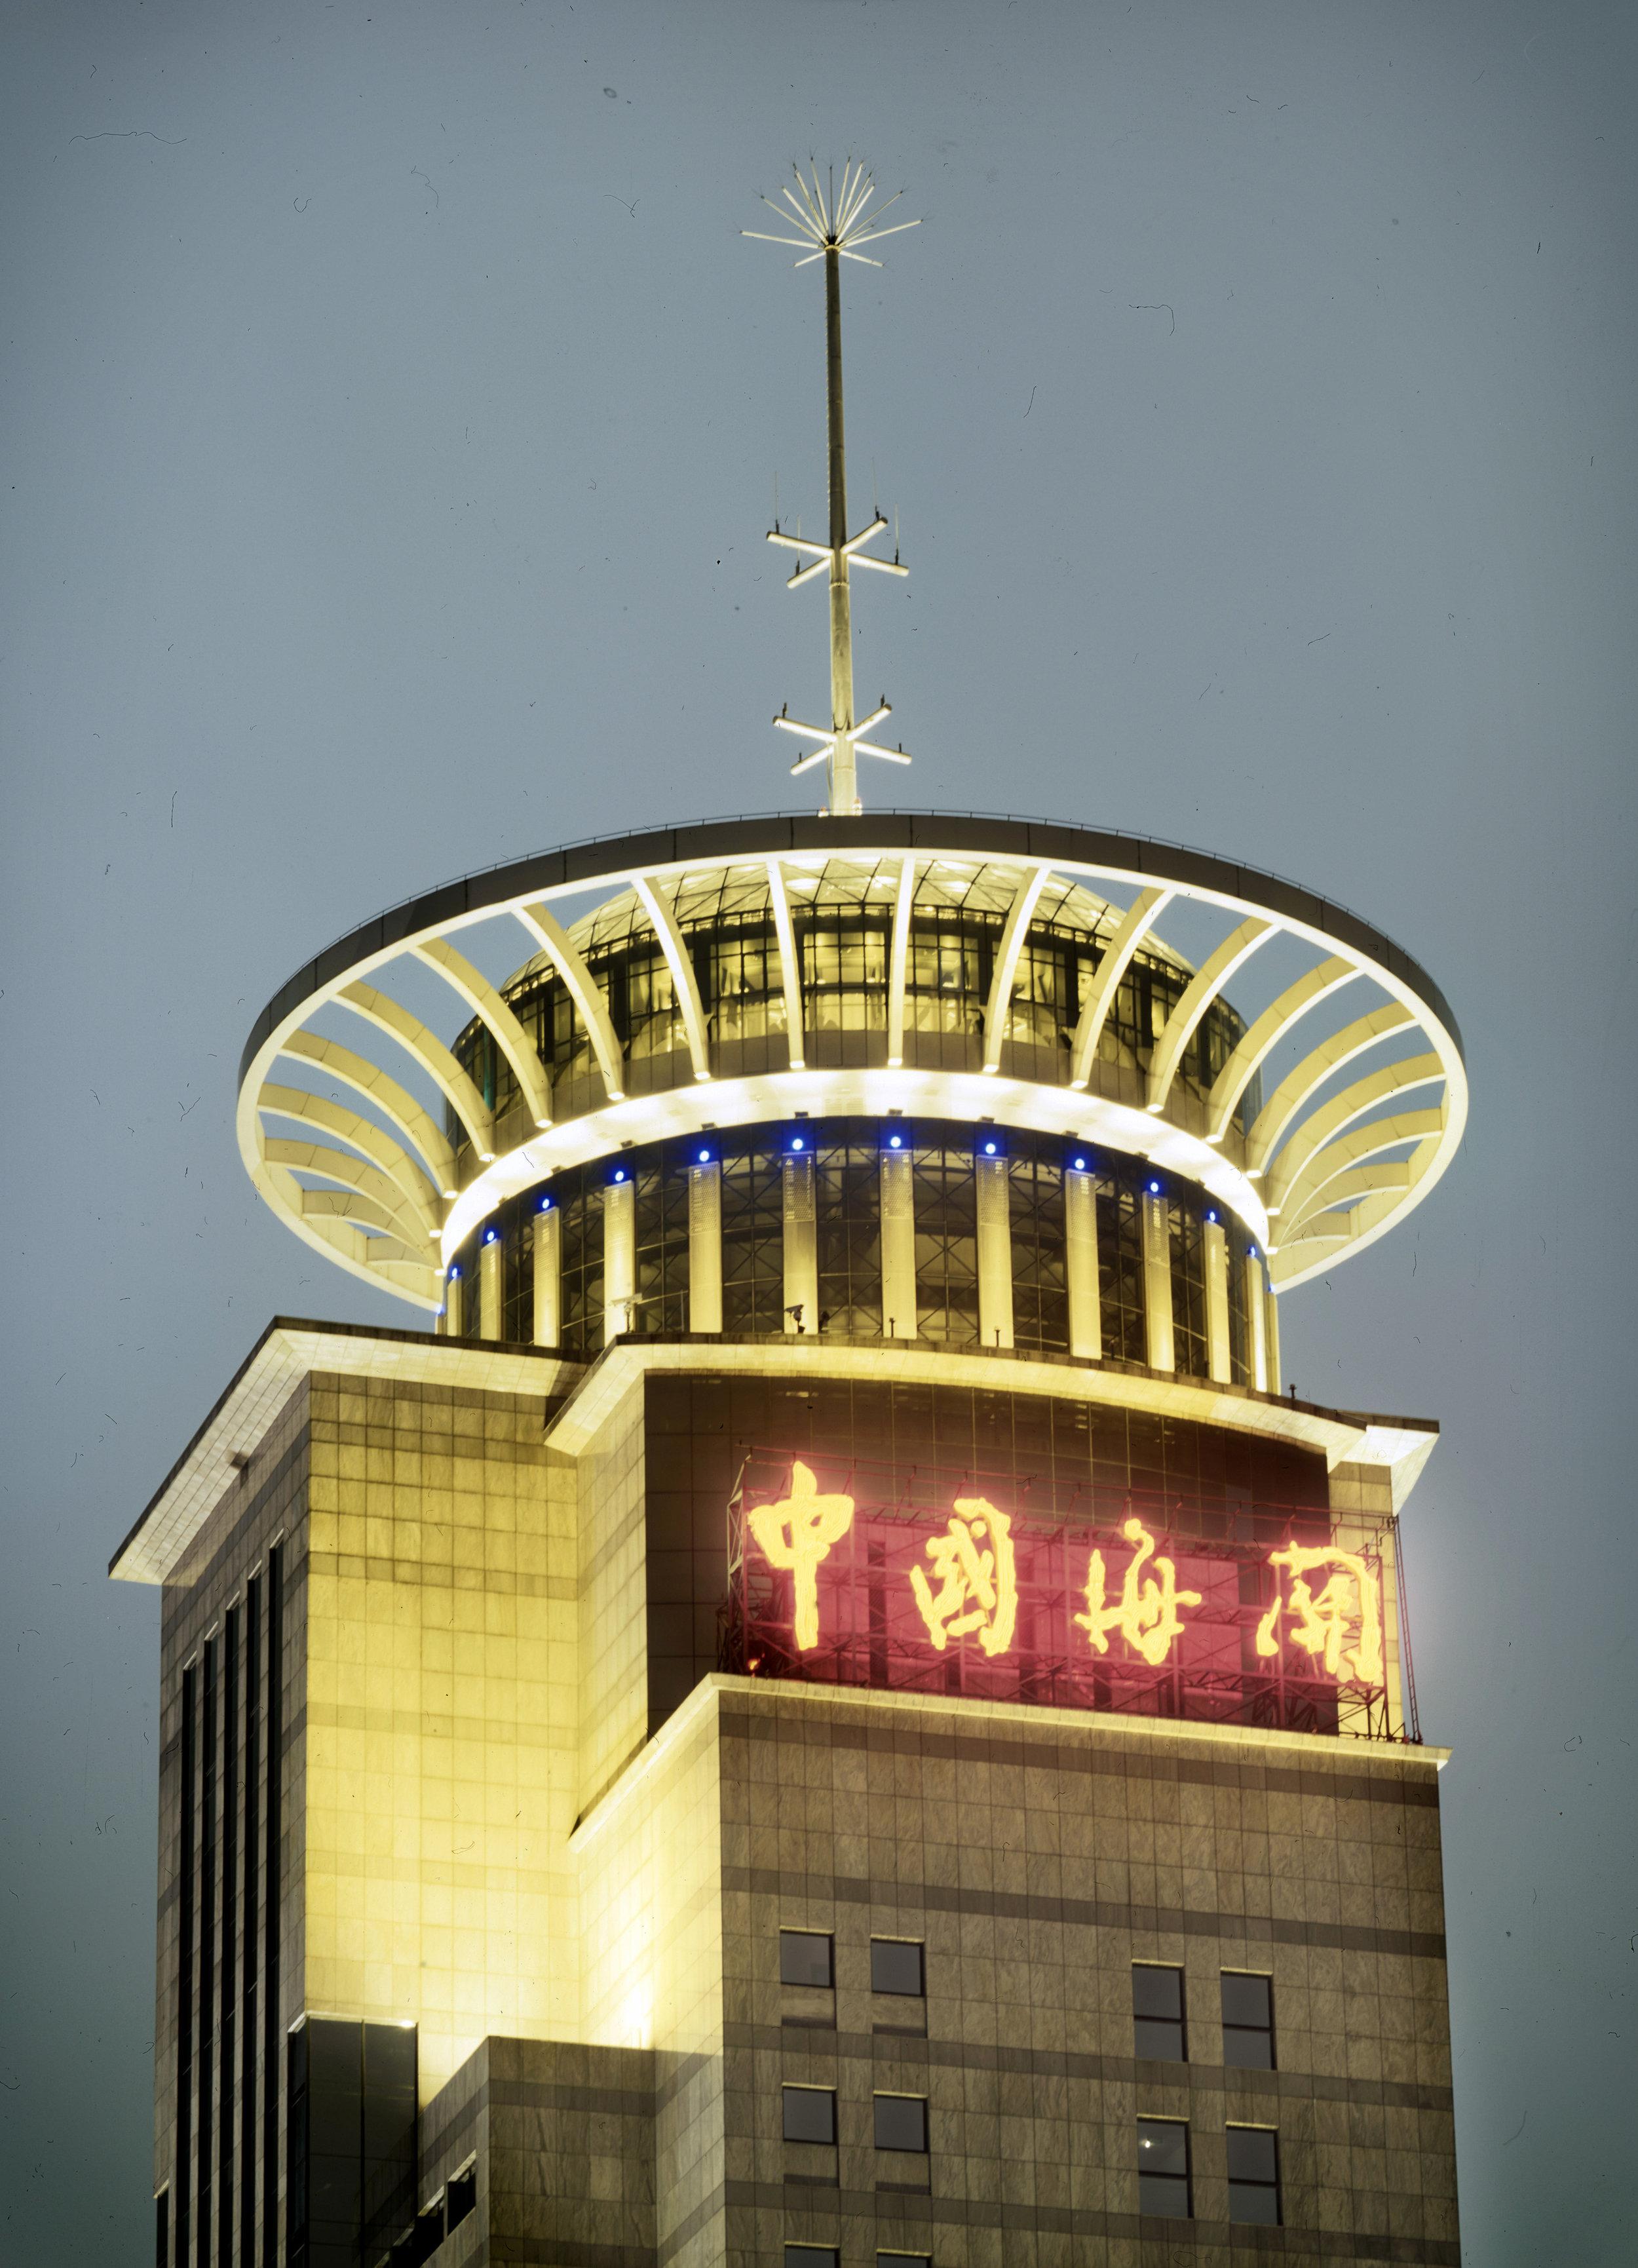 Pudong Customs Tower - Shanghai, China 2004